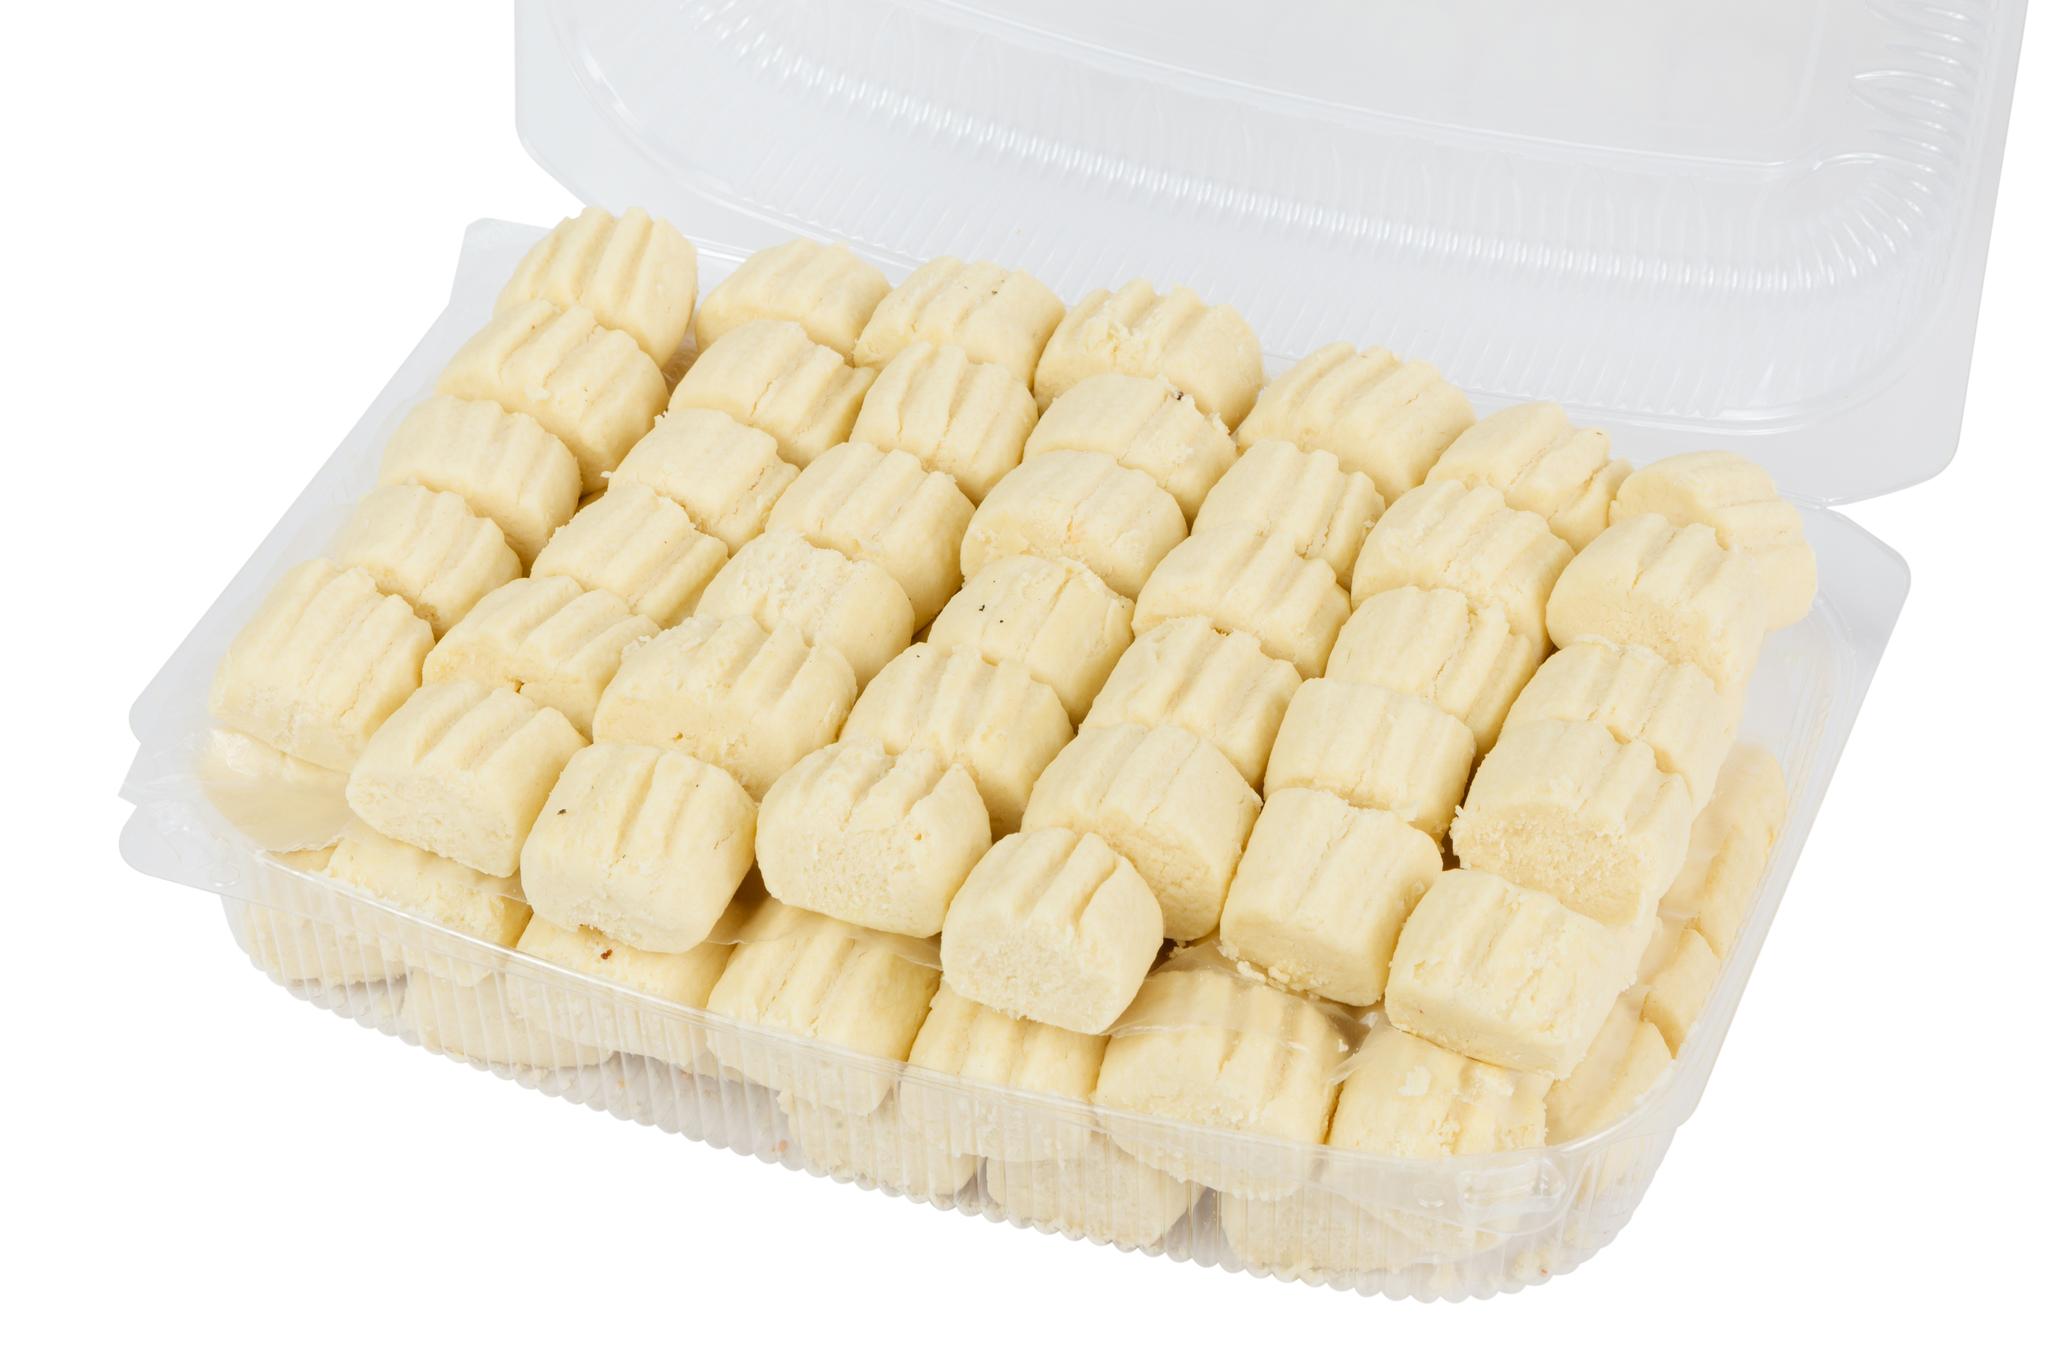 Печенье Восточное печенье Грайбе, 800 г import_files_6f_6f5dd3c5787e11e799f3606c664b1de1_2267781fae6c11e7b011fcaa1488e48f.jpg